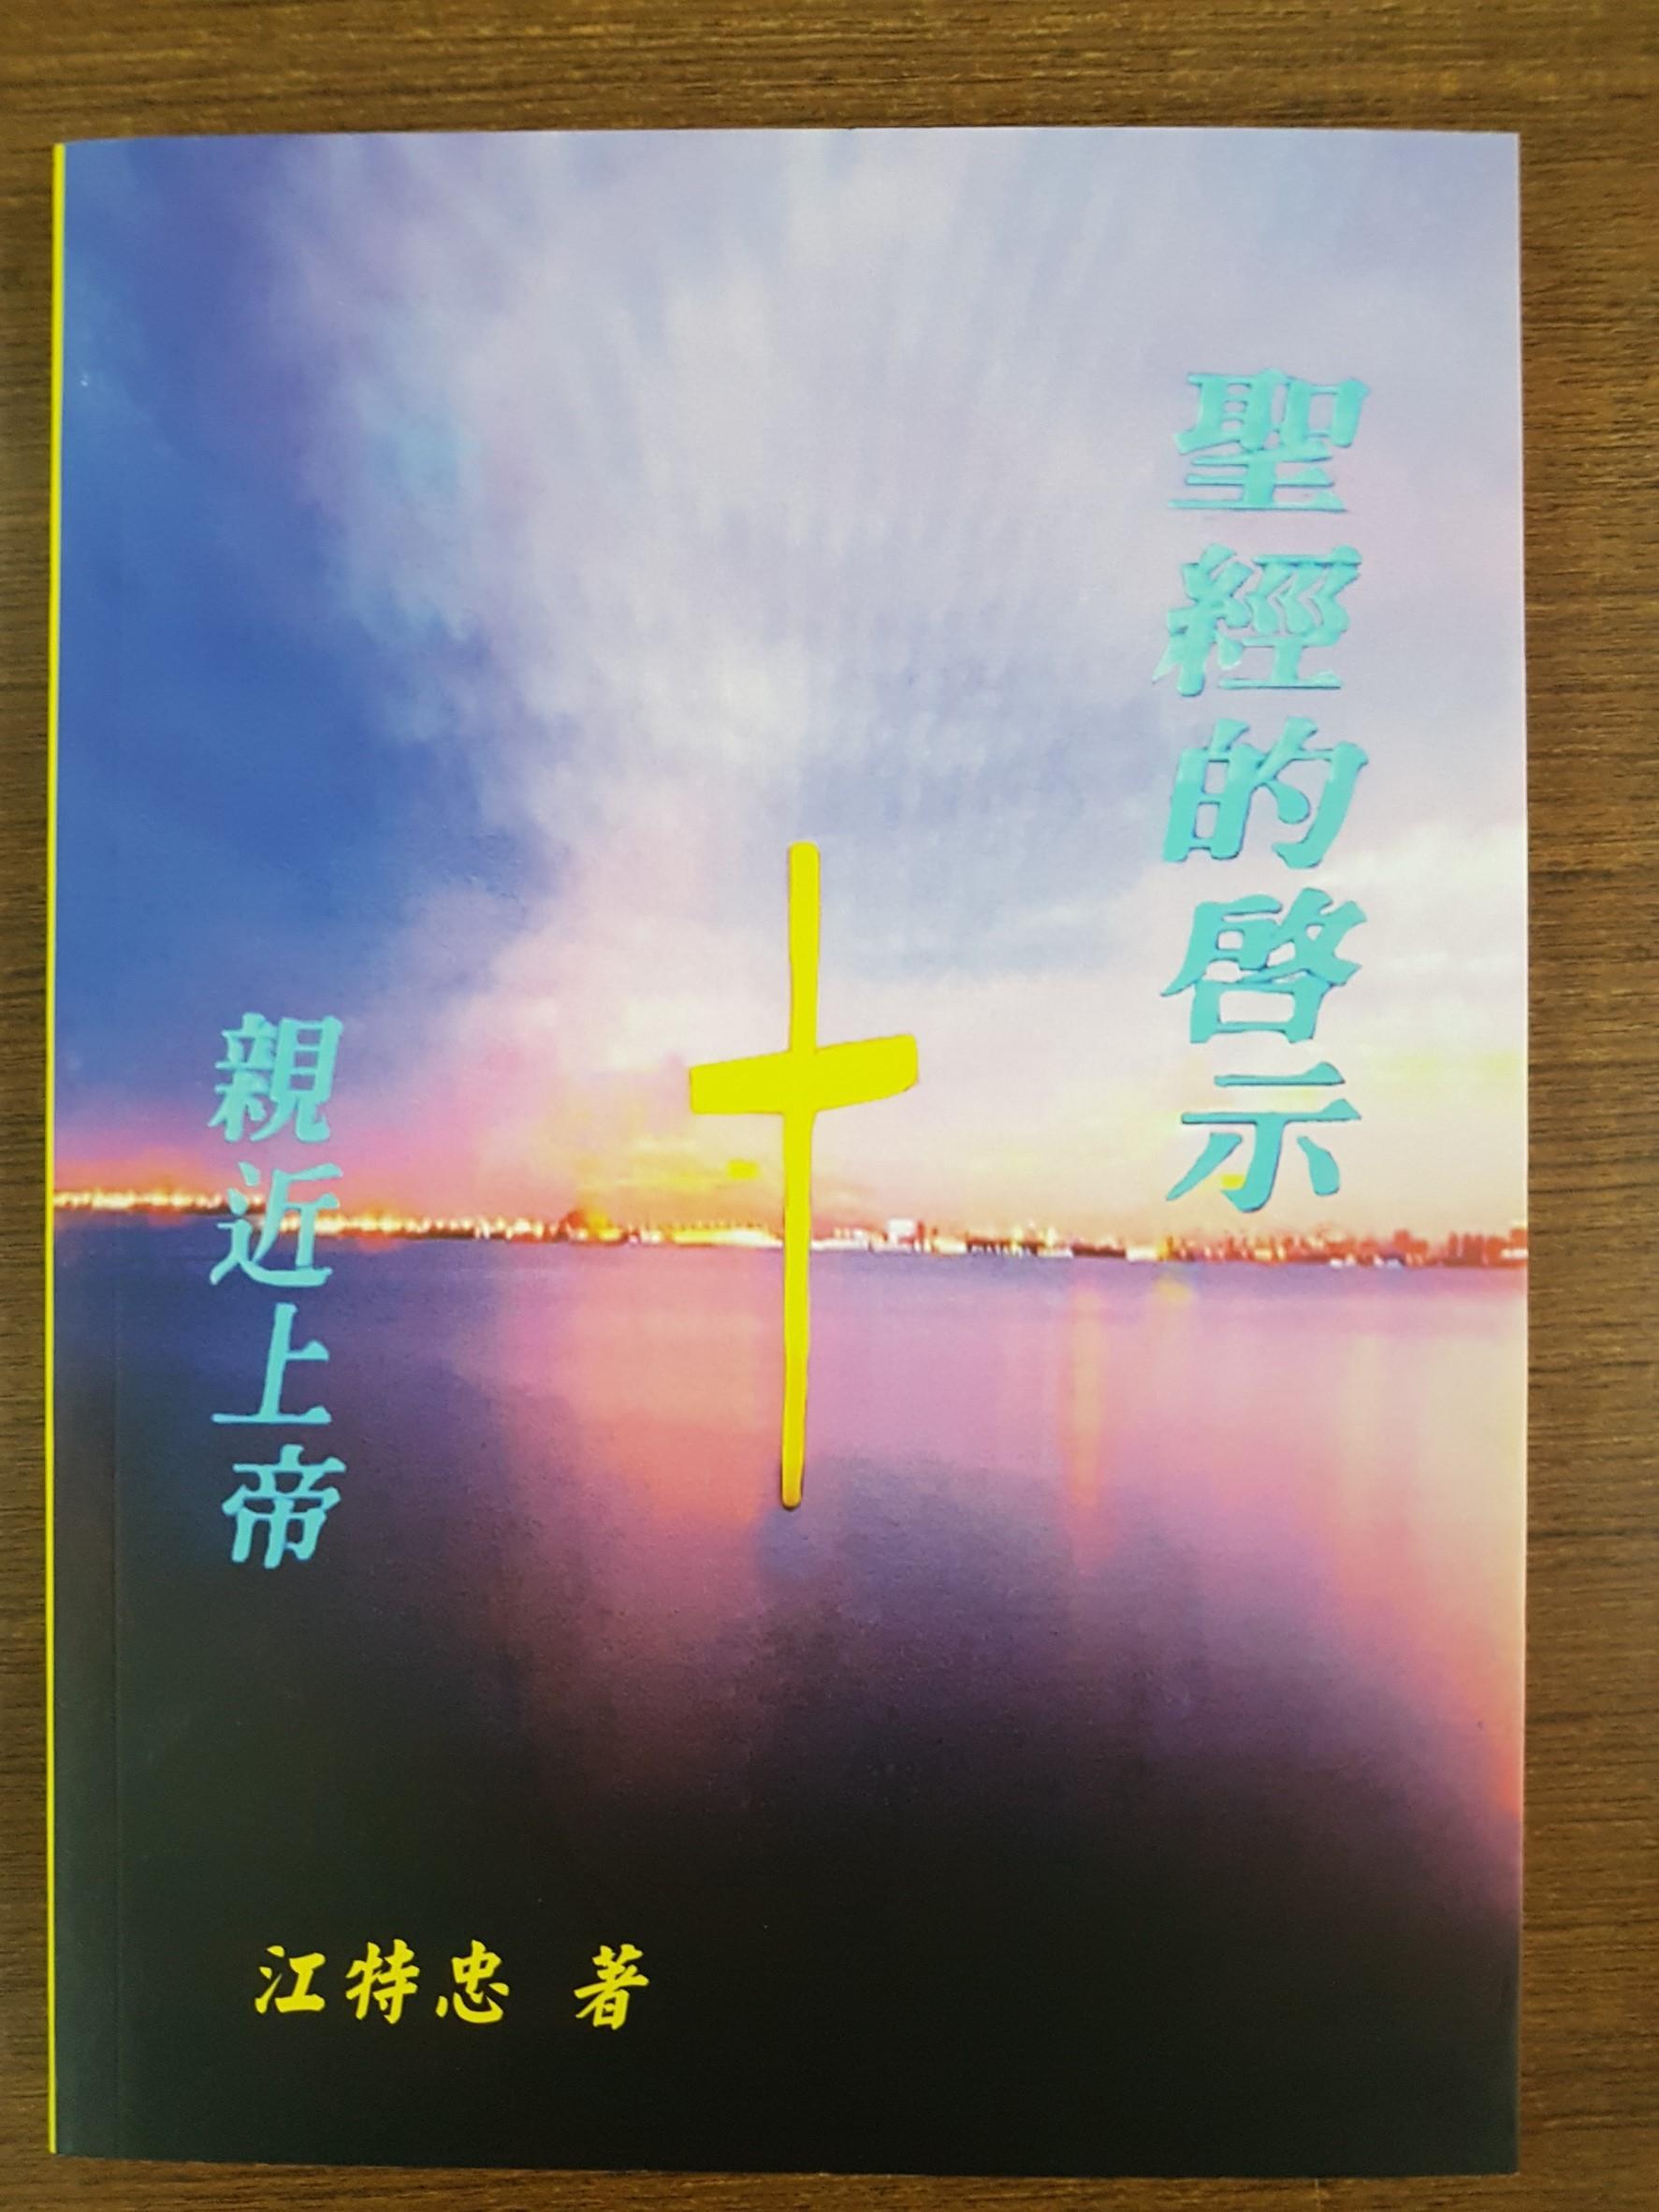 聖經的啟示 (M08)